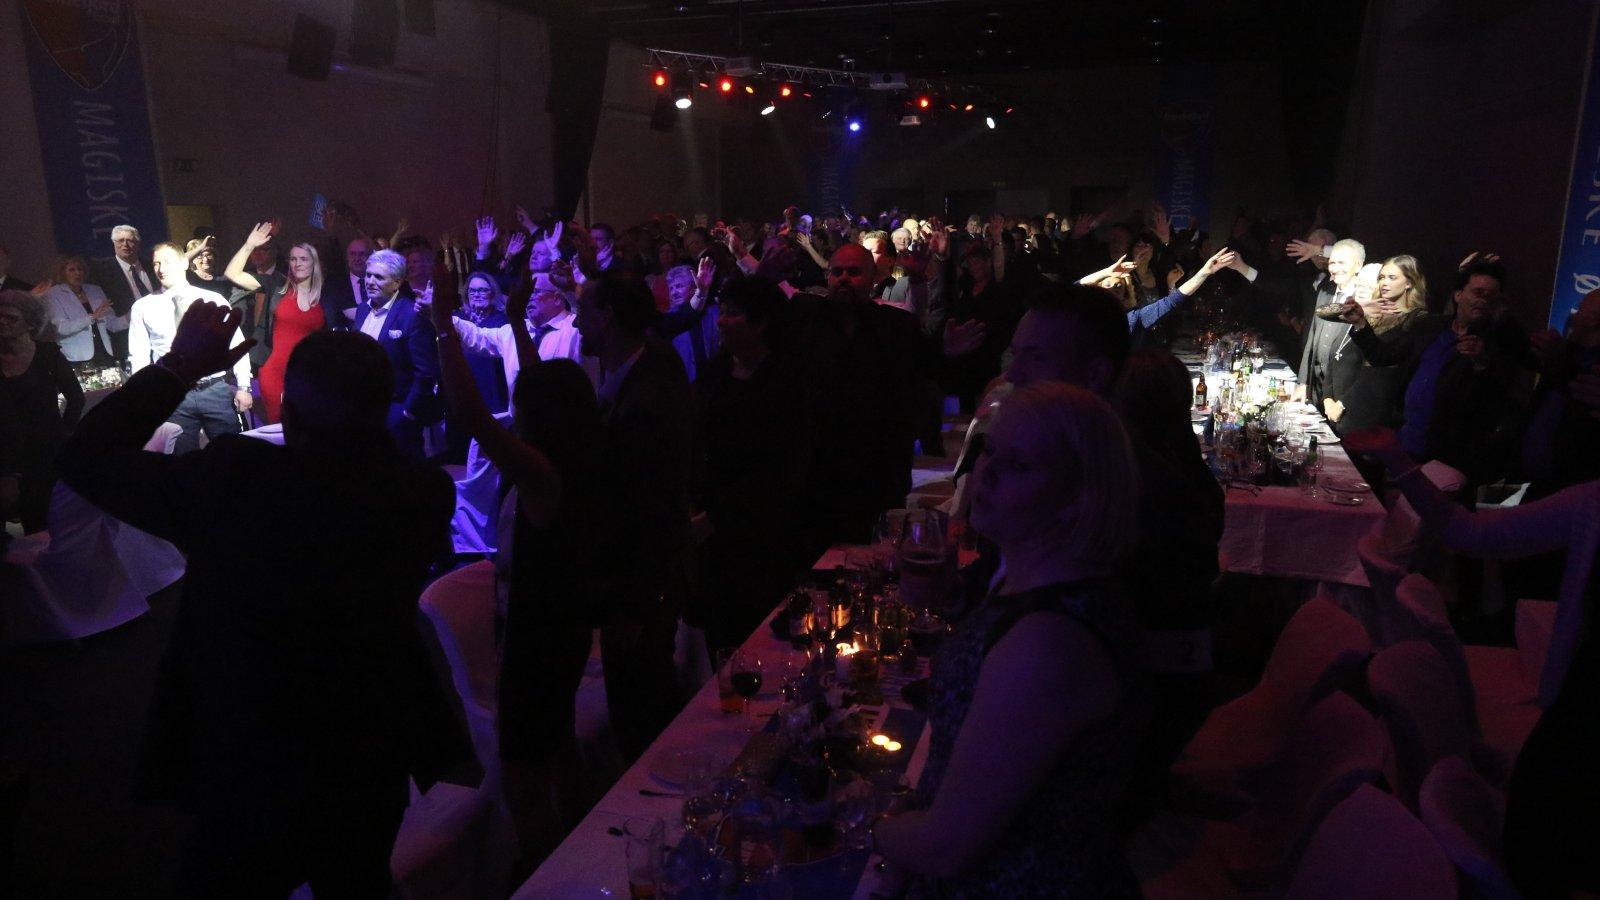 SF AWARDS: Strømstad Spa fylt opp med SF-venner. (Foto: Torstein Flåm)